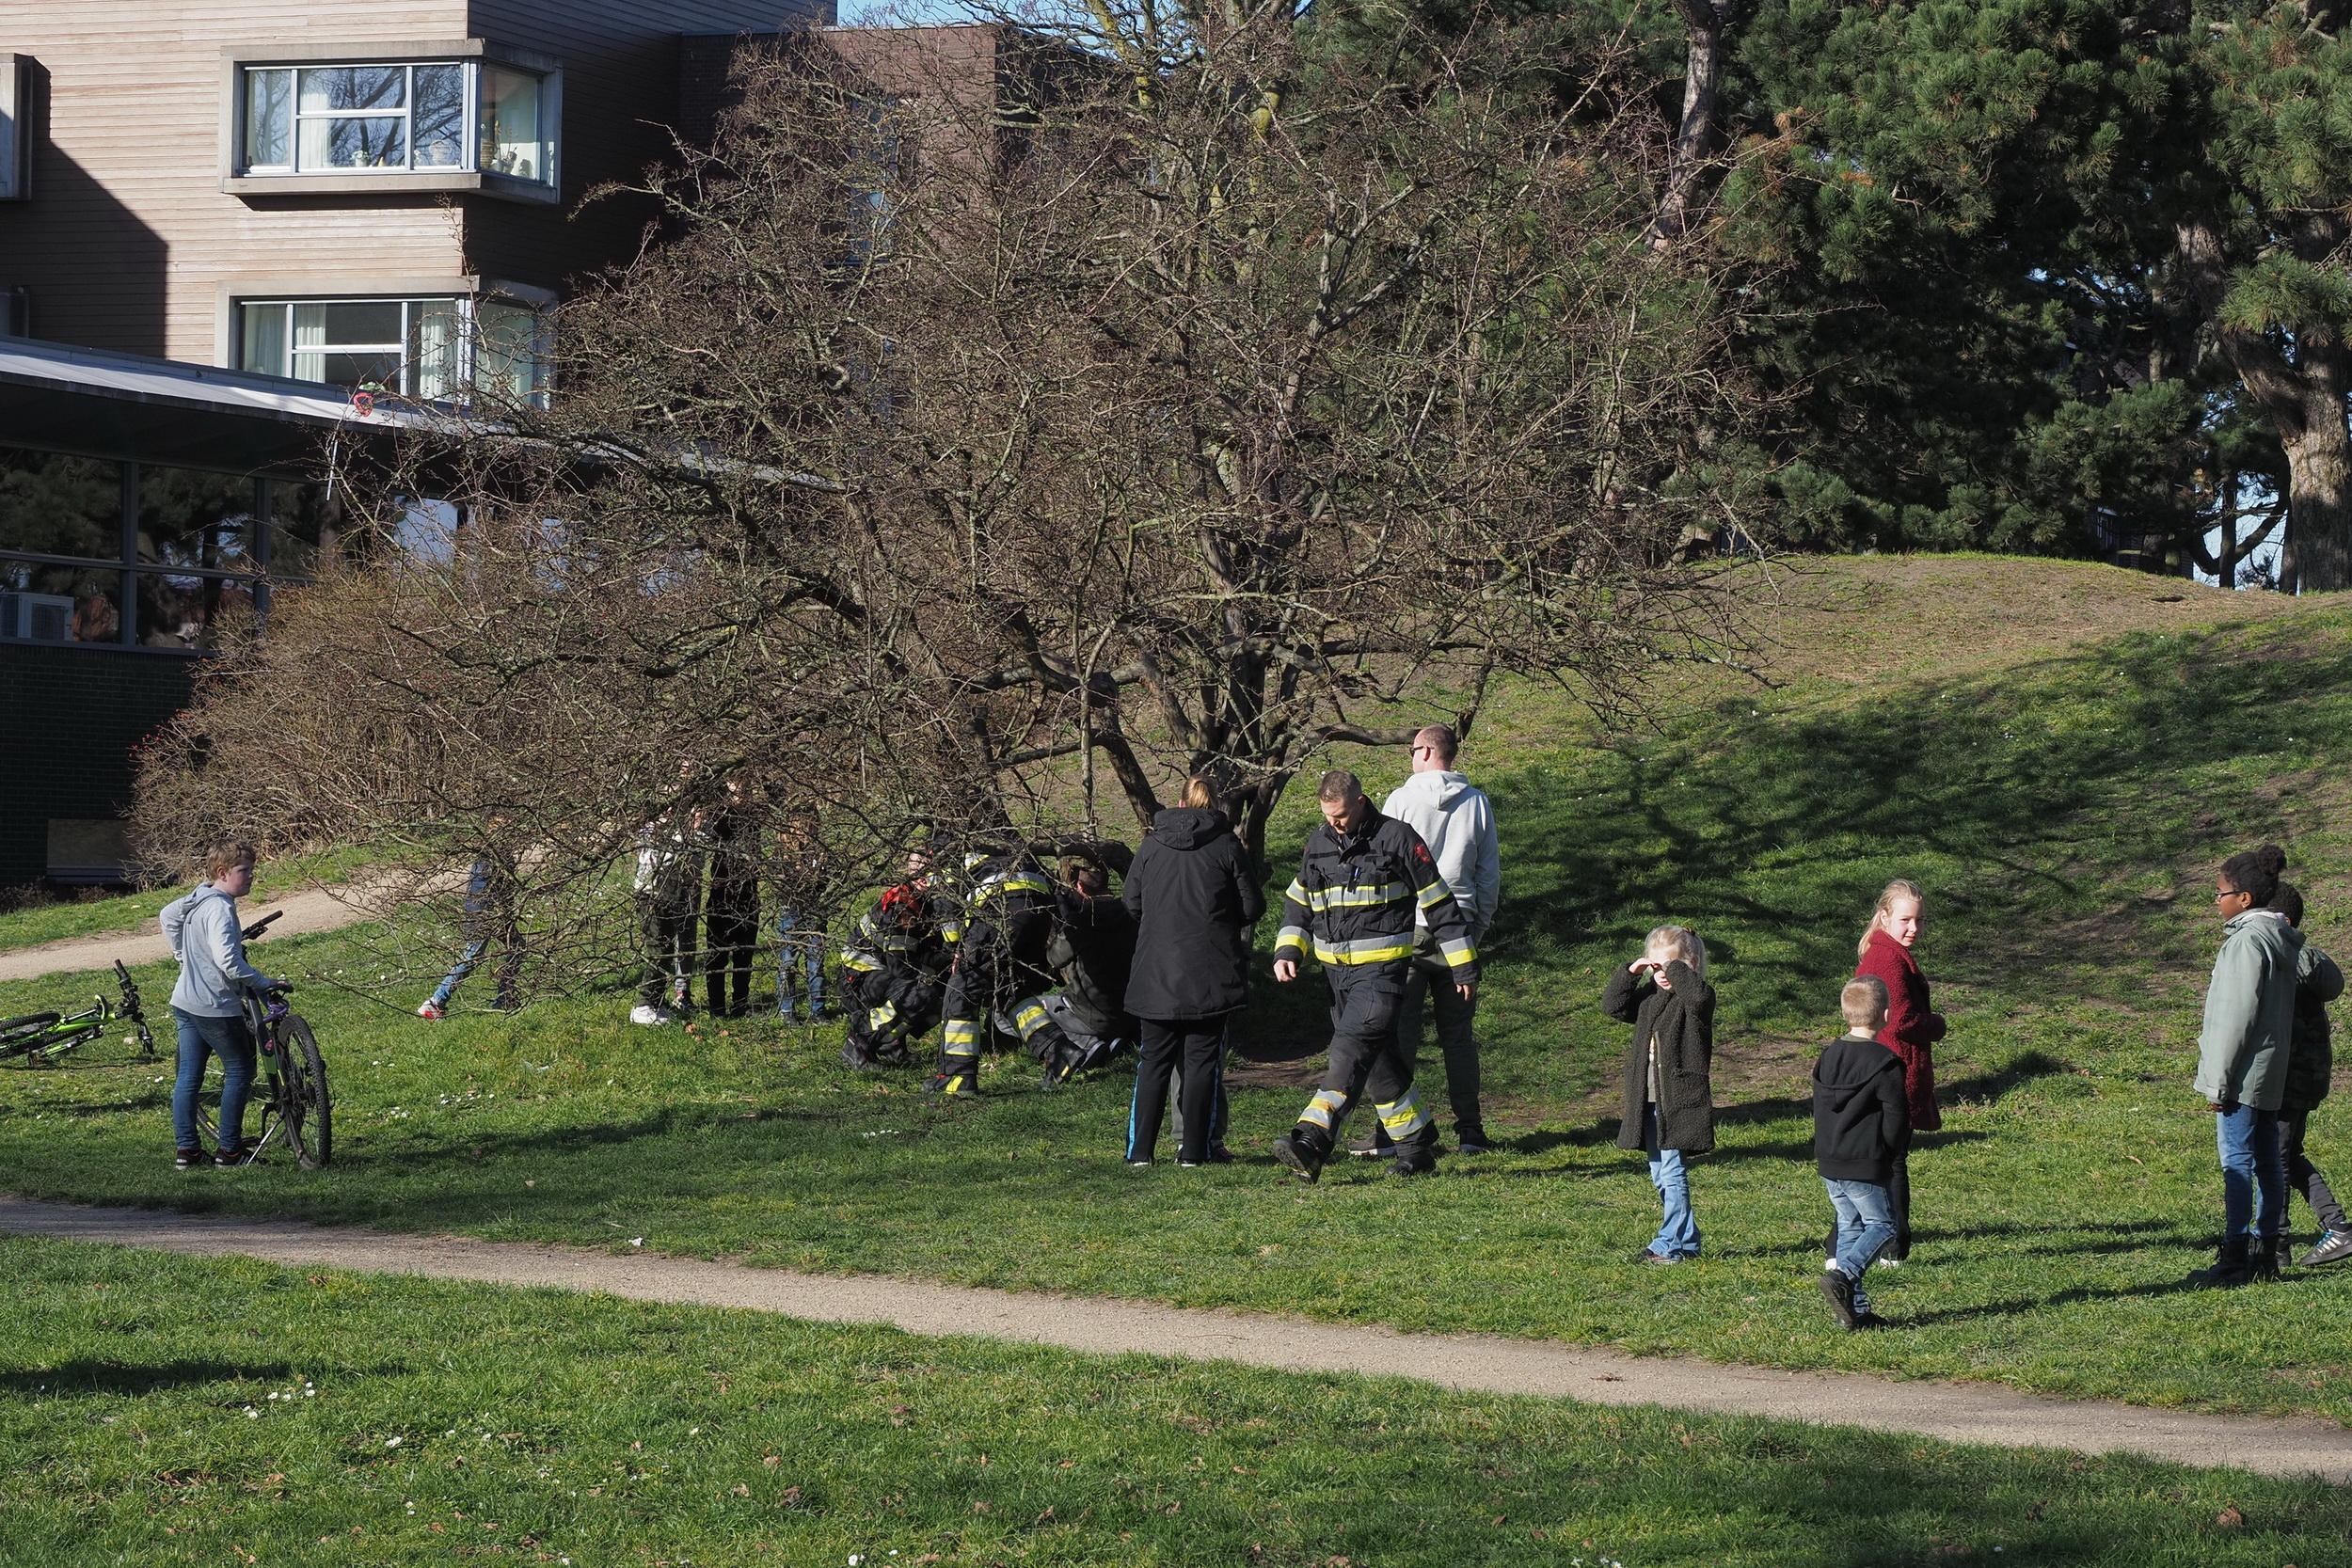 Brandweer in actie voor klemgeraakte boomklimmer in IJmuiden